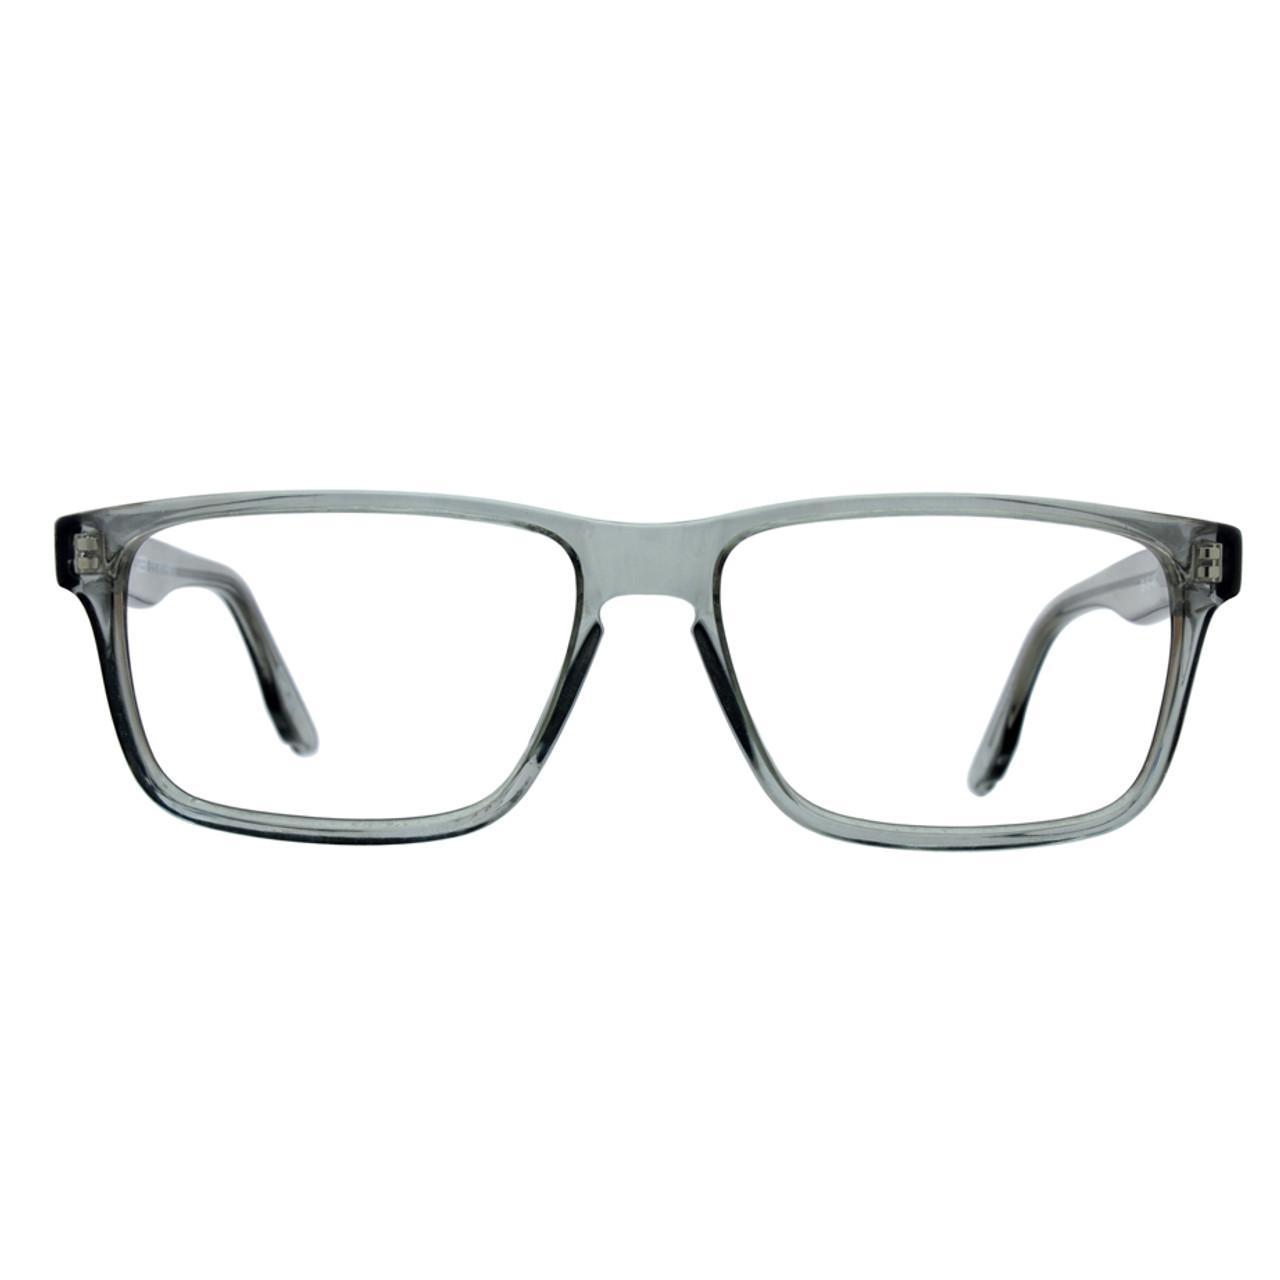 GEEK Eyewear Geek VO3